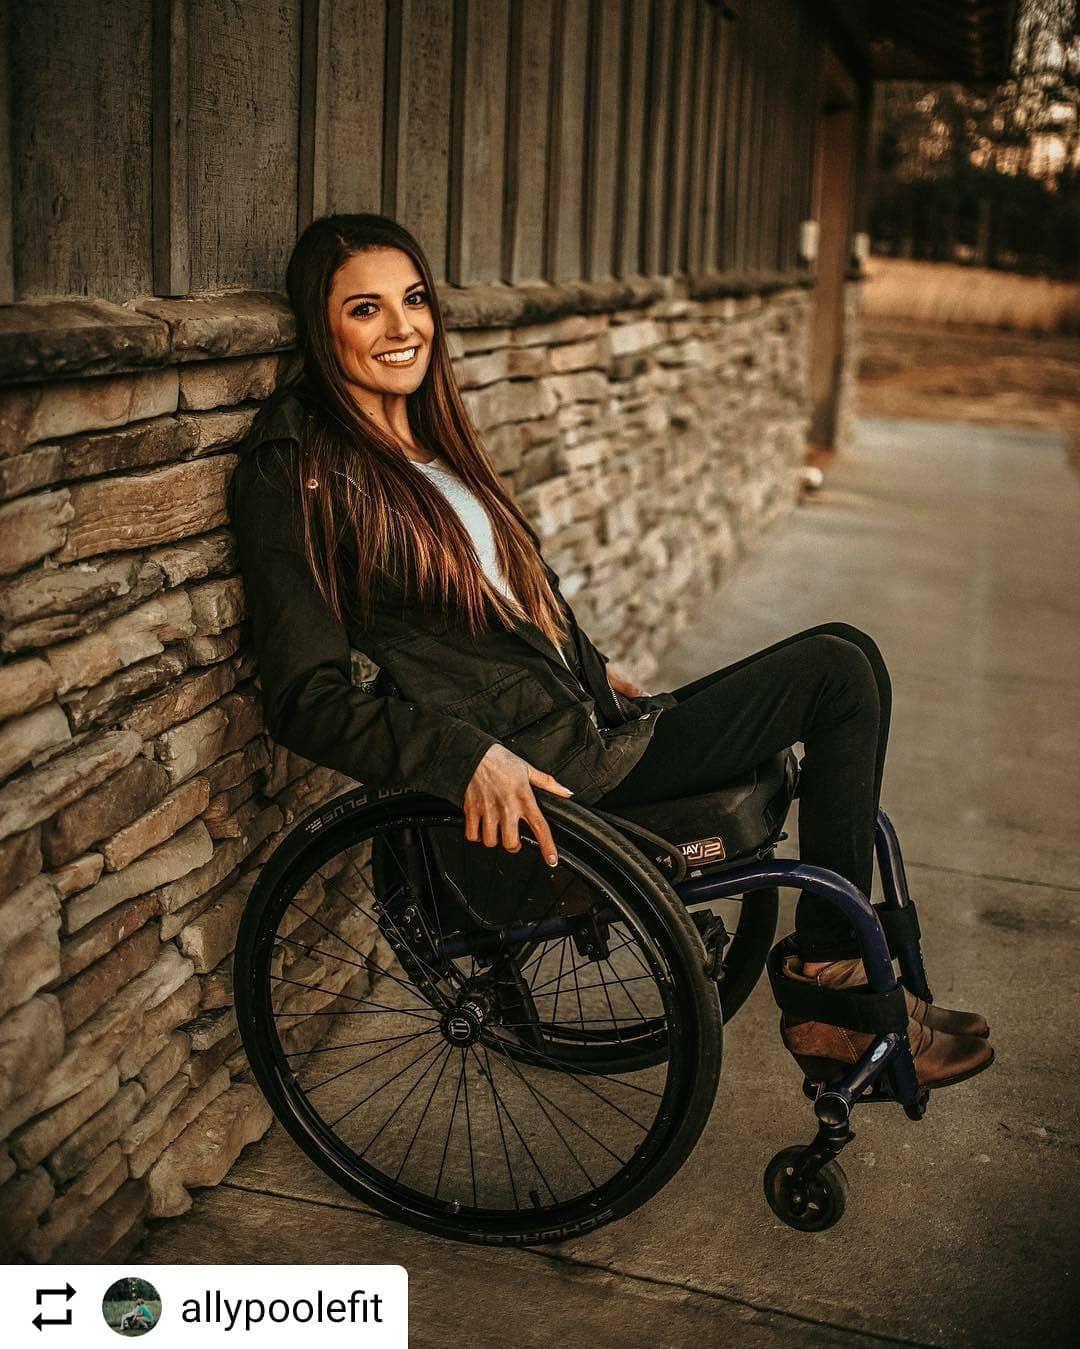 #LifeGoesOnWheels @allypoolefit #WheelchairGirl